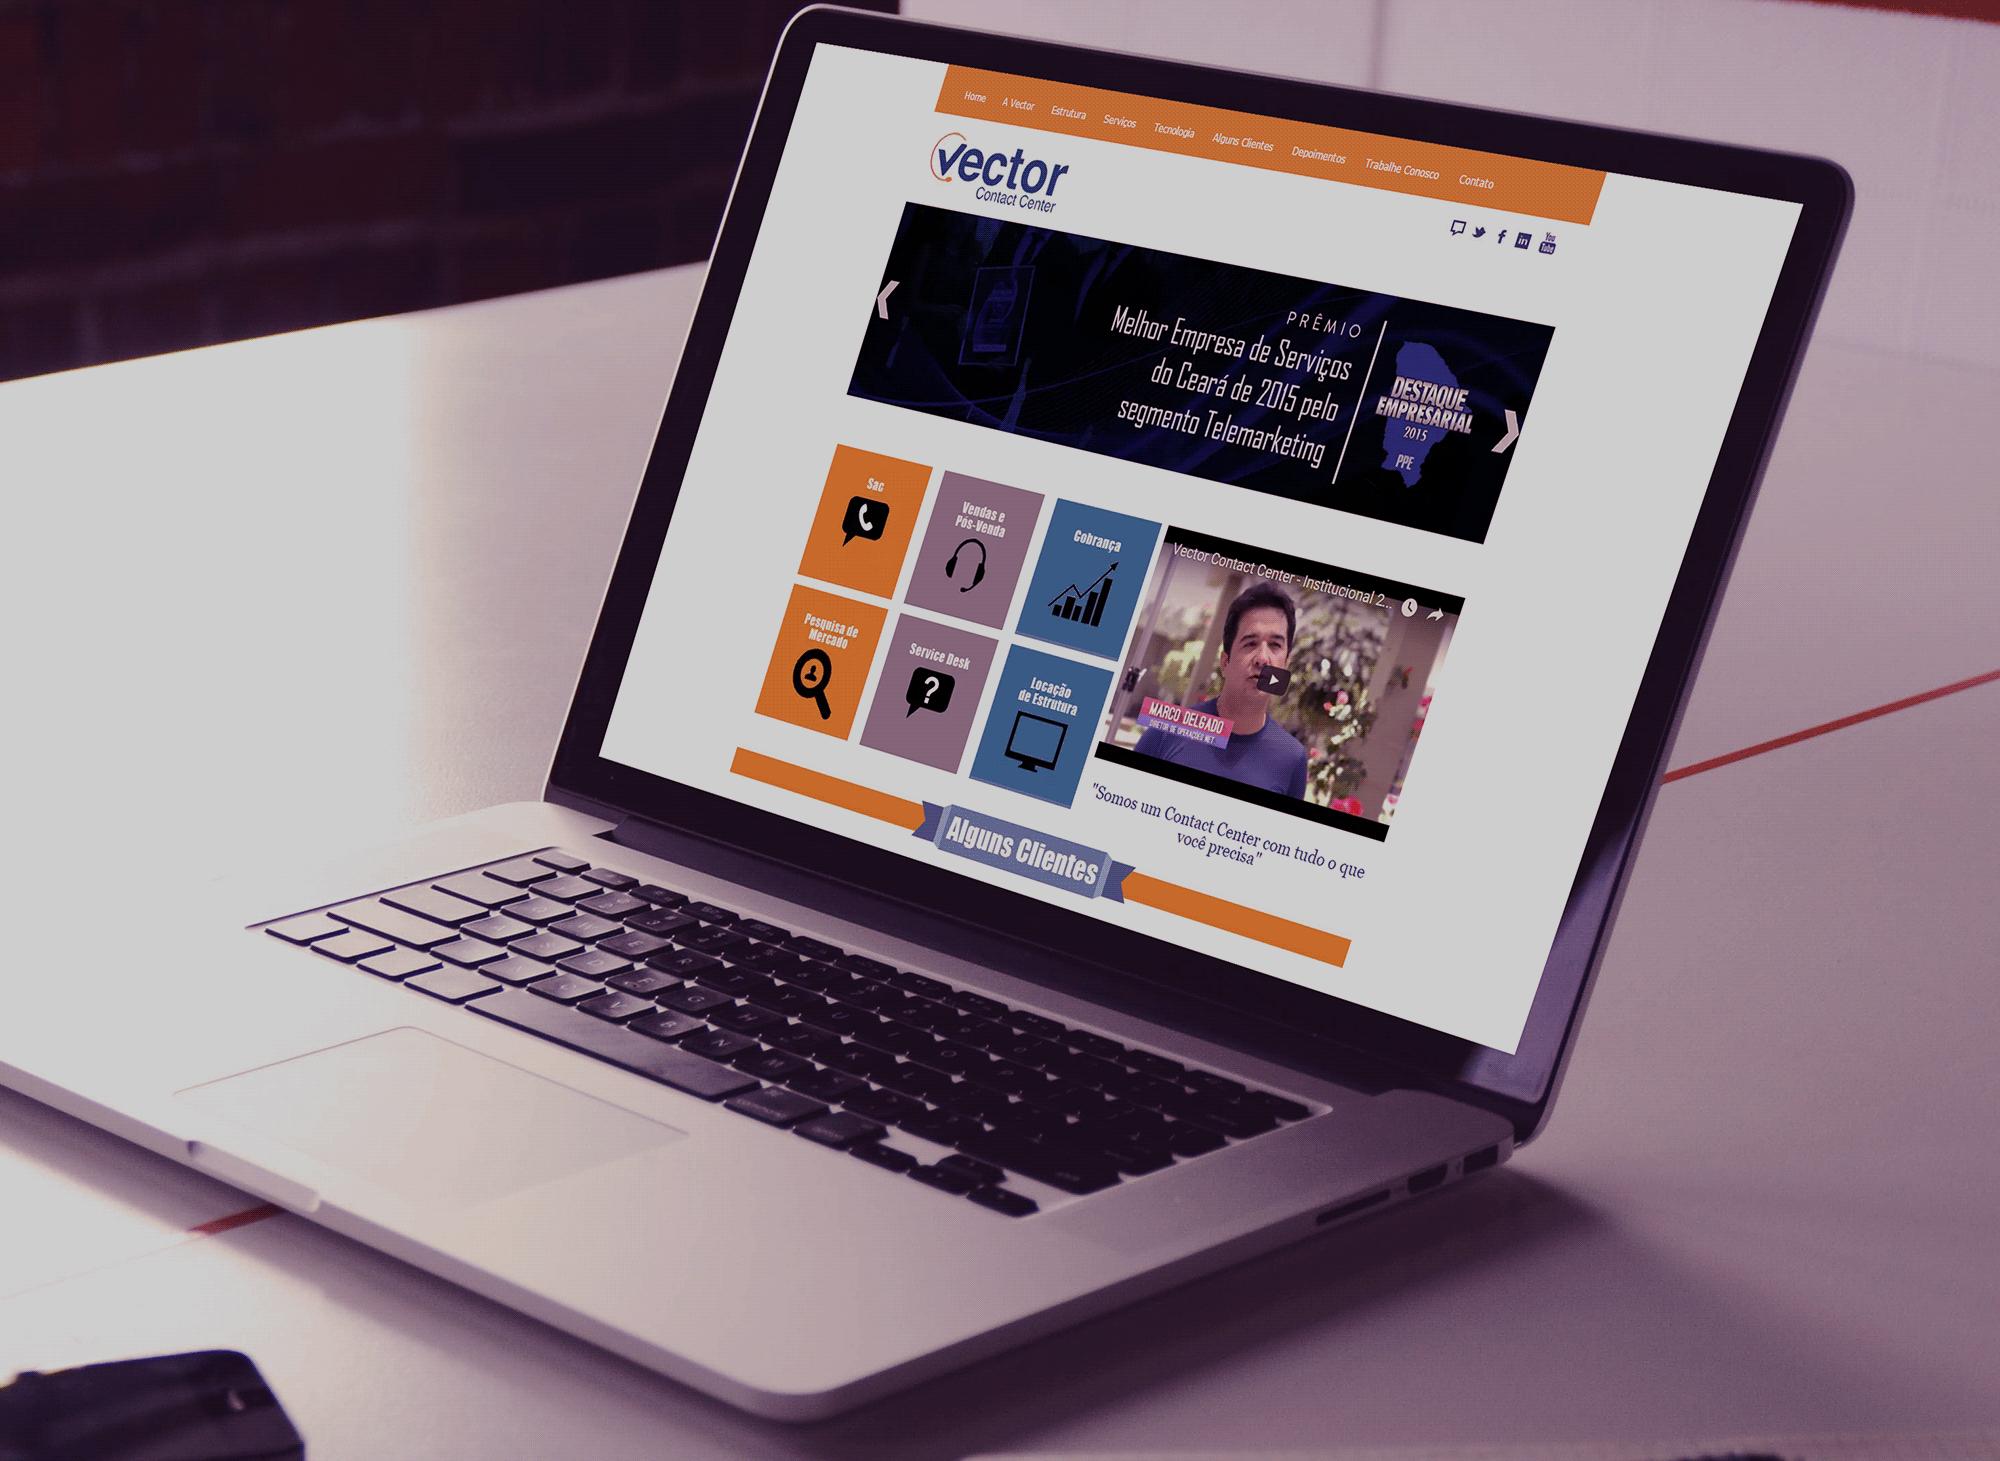 site-case-vector-contact-center-portfolio-criacao-sites-agencia-diretriz-digital-marketing